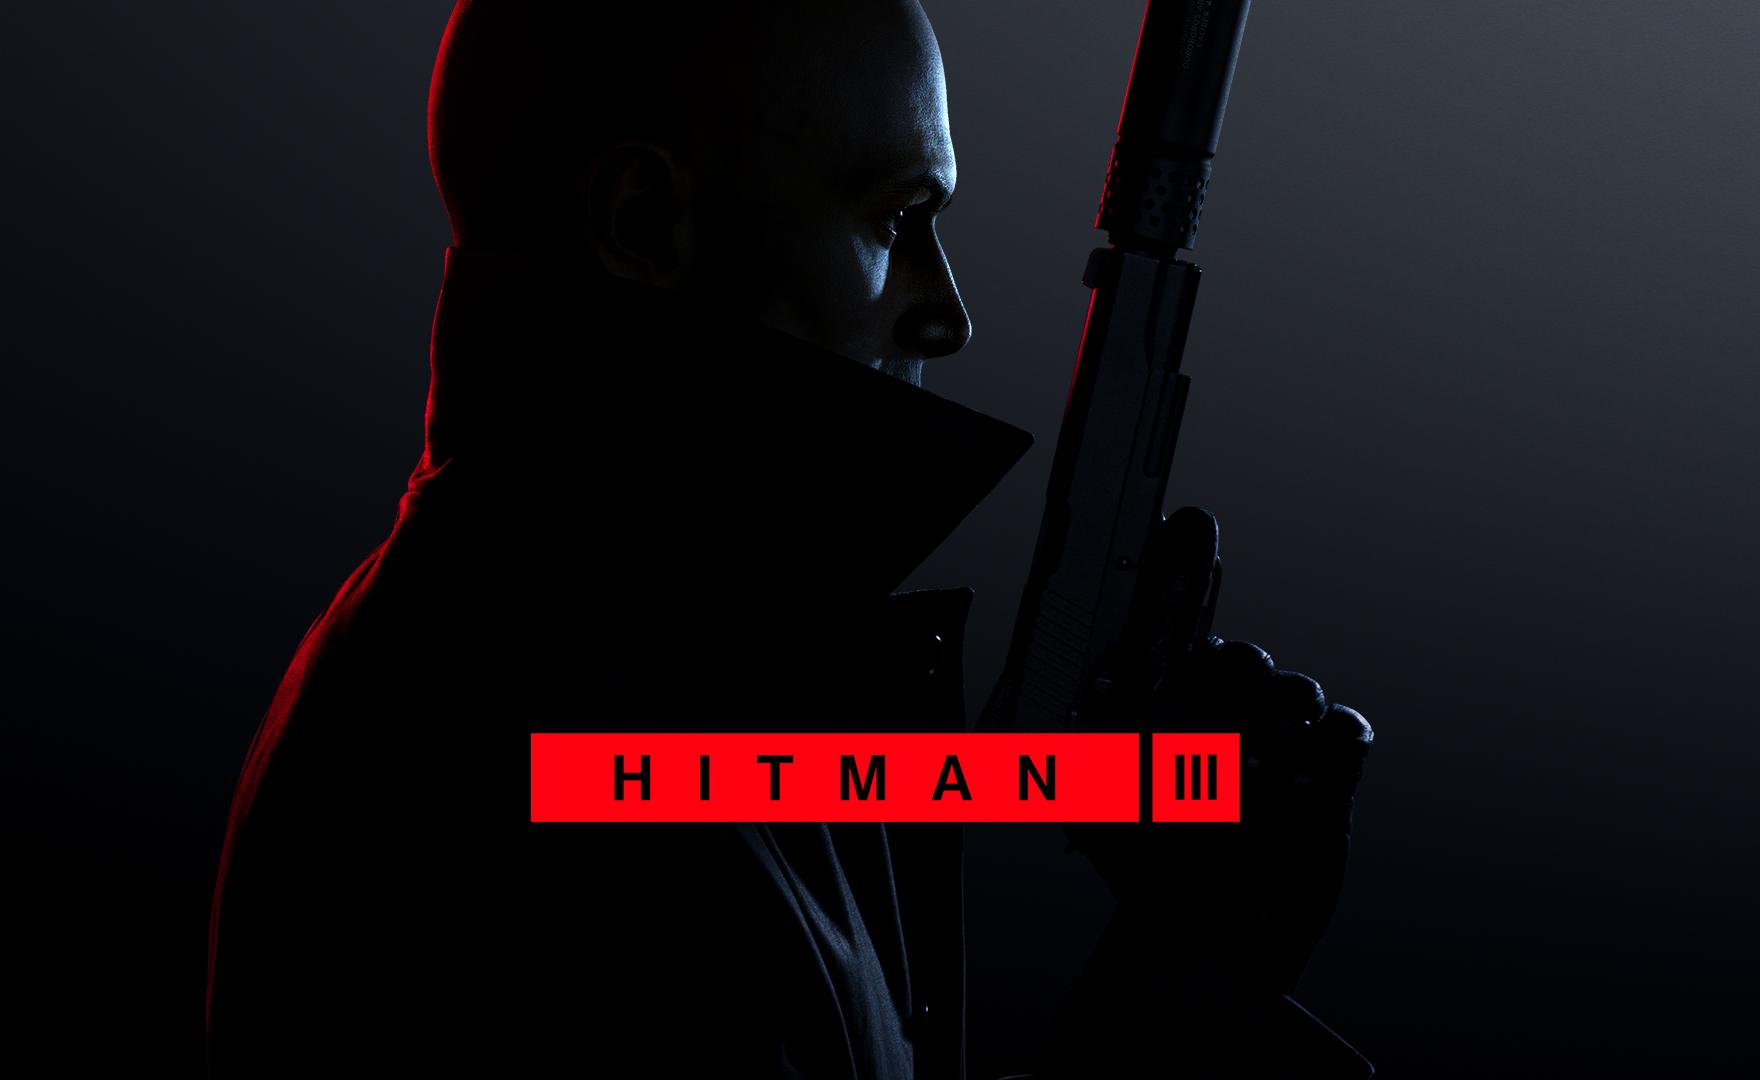 Hitman 3 per PC sarà un'esclusiva di Epic Games Store